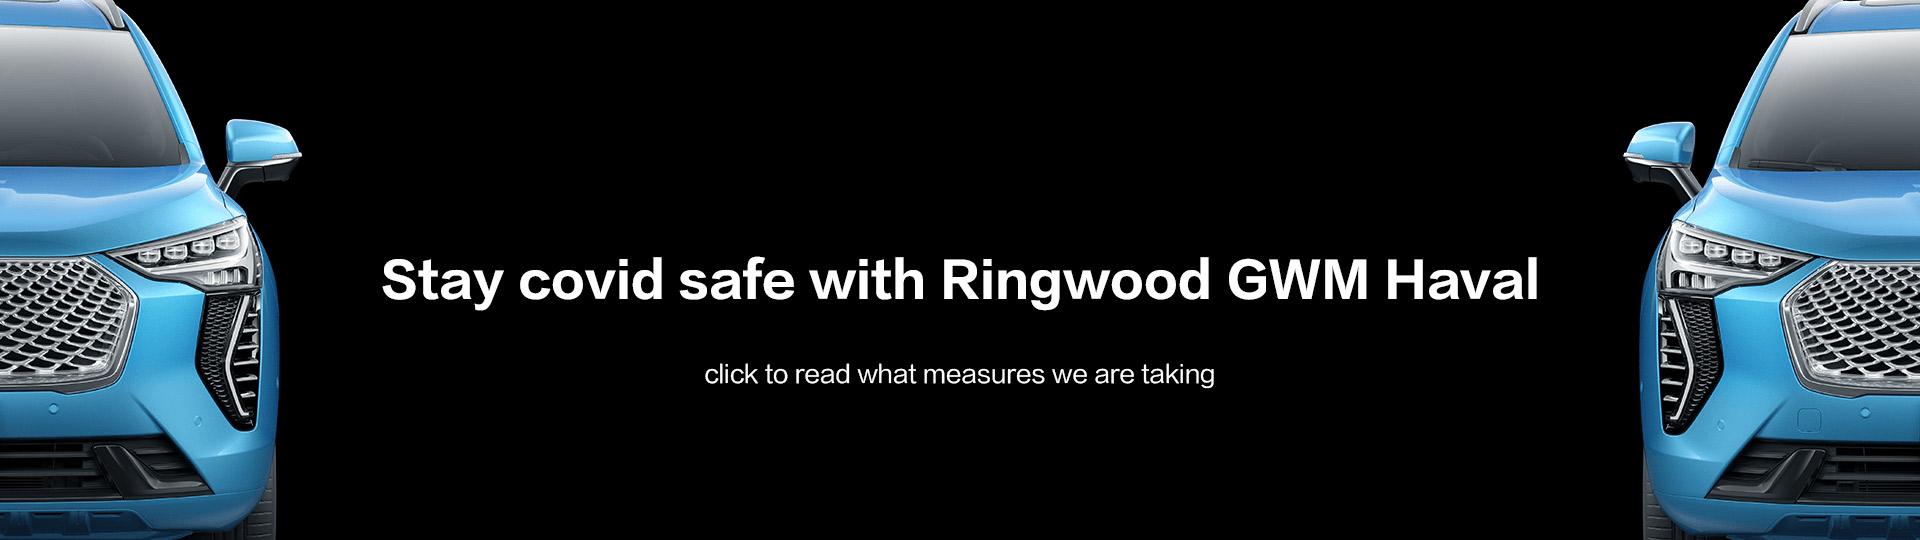 RingwoodGWMHAVAL-Covid